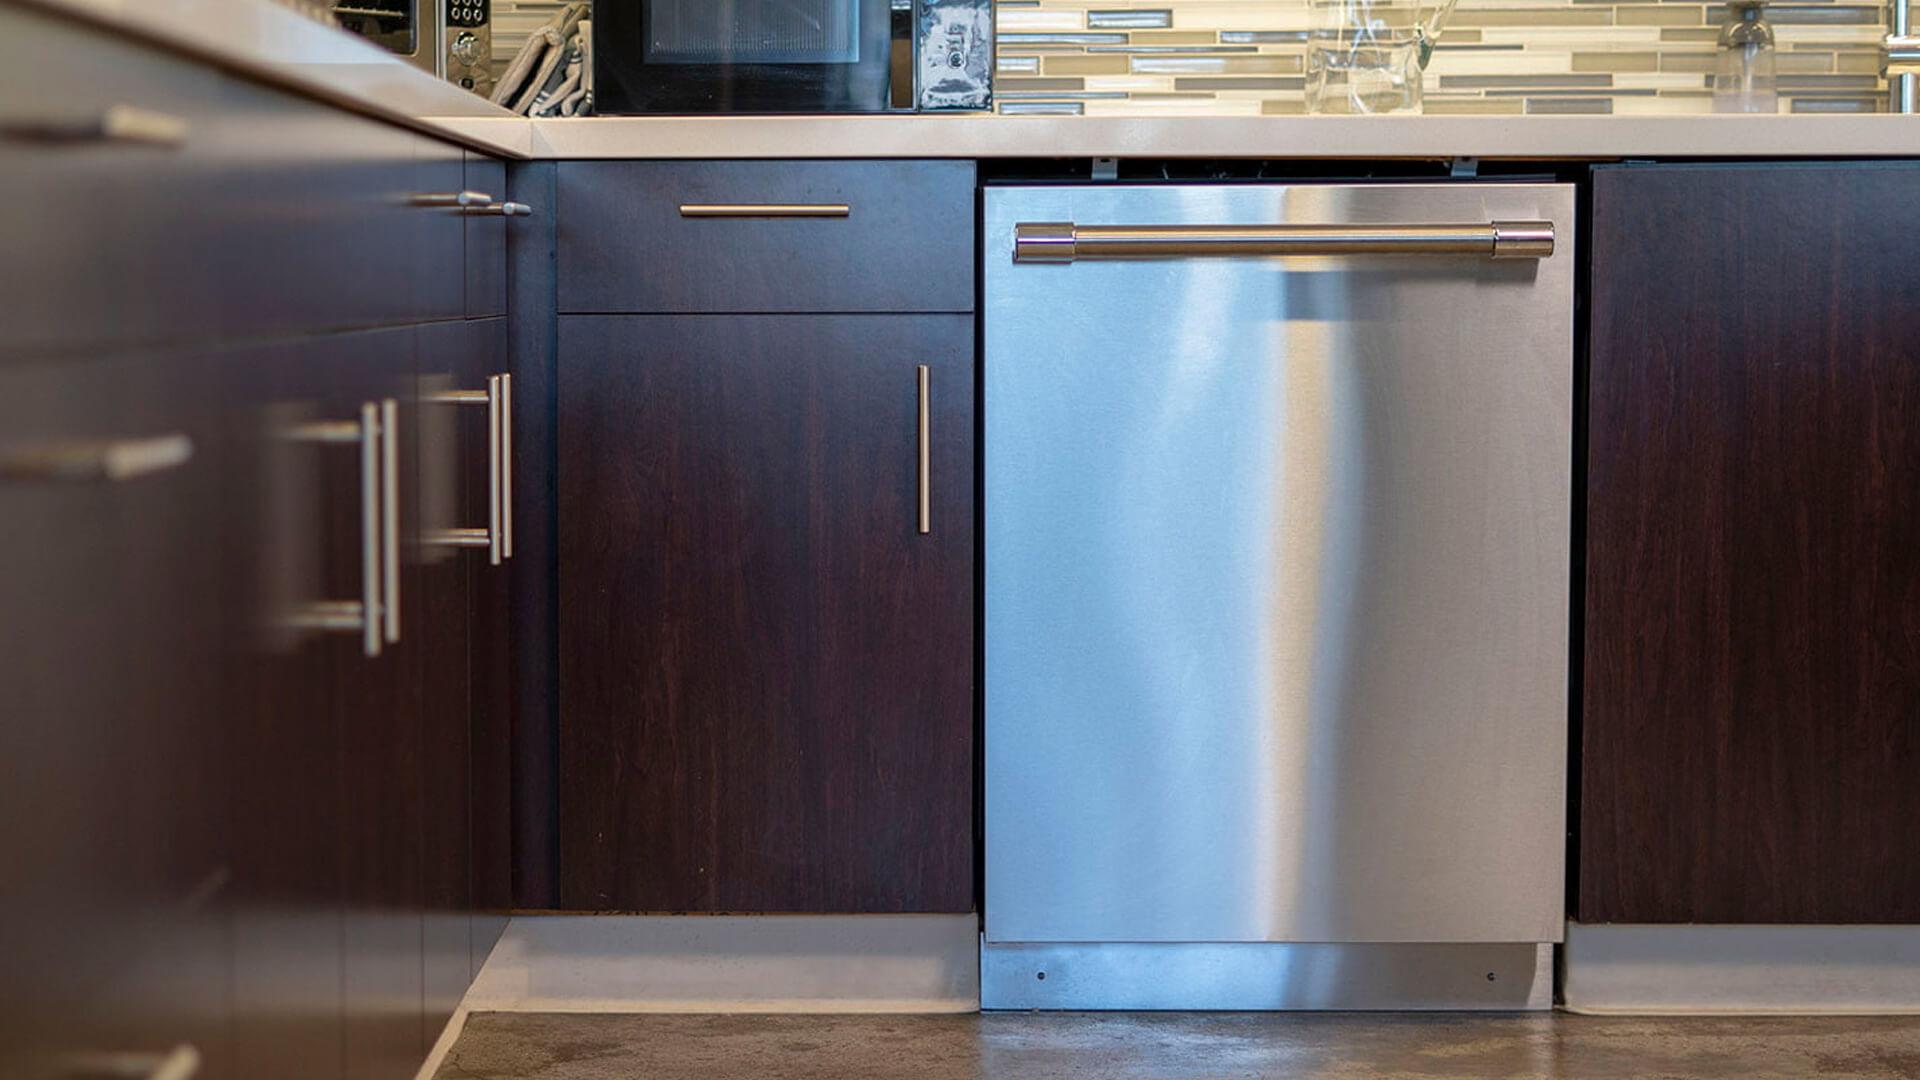 Thermador Dishwasher Repair | Thermador Appliance Repair Pros